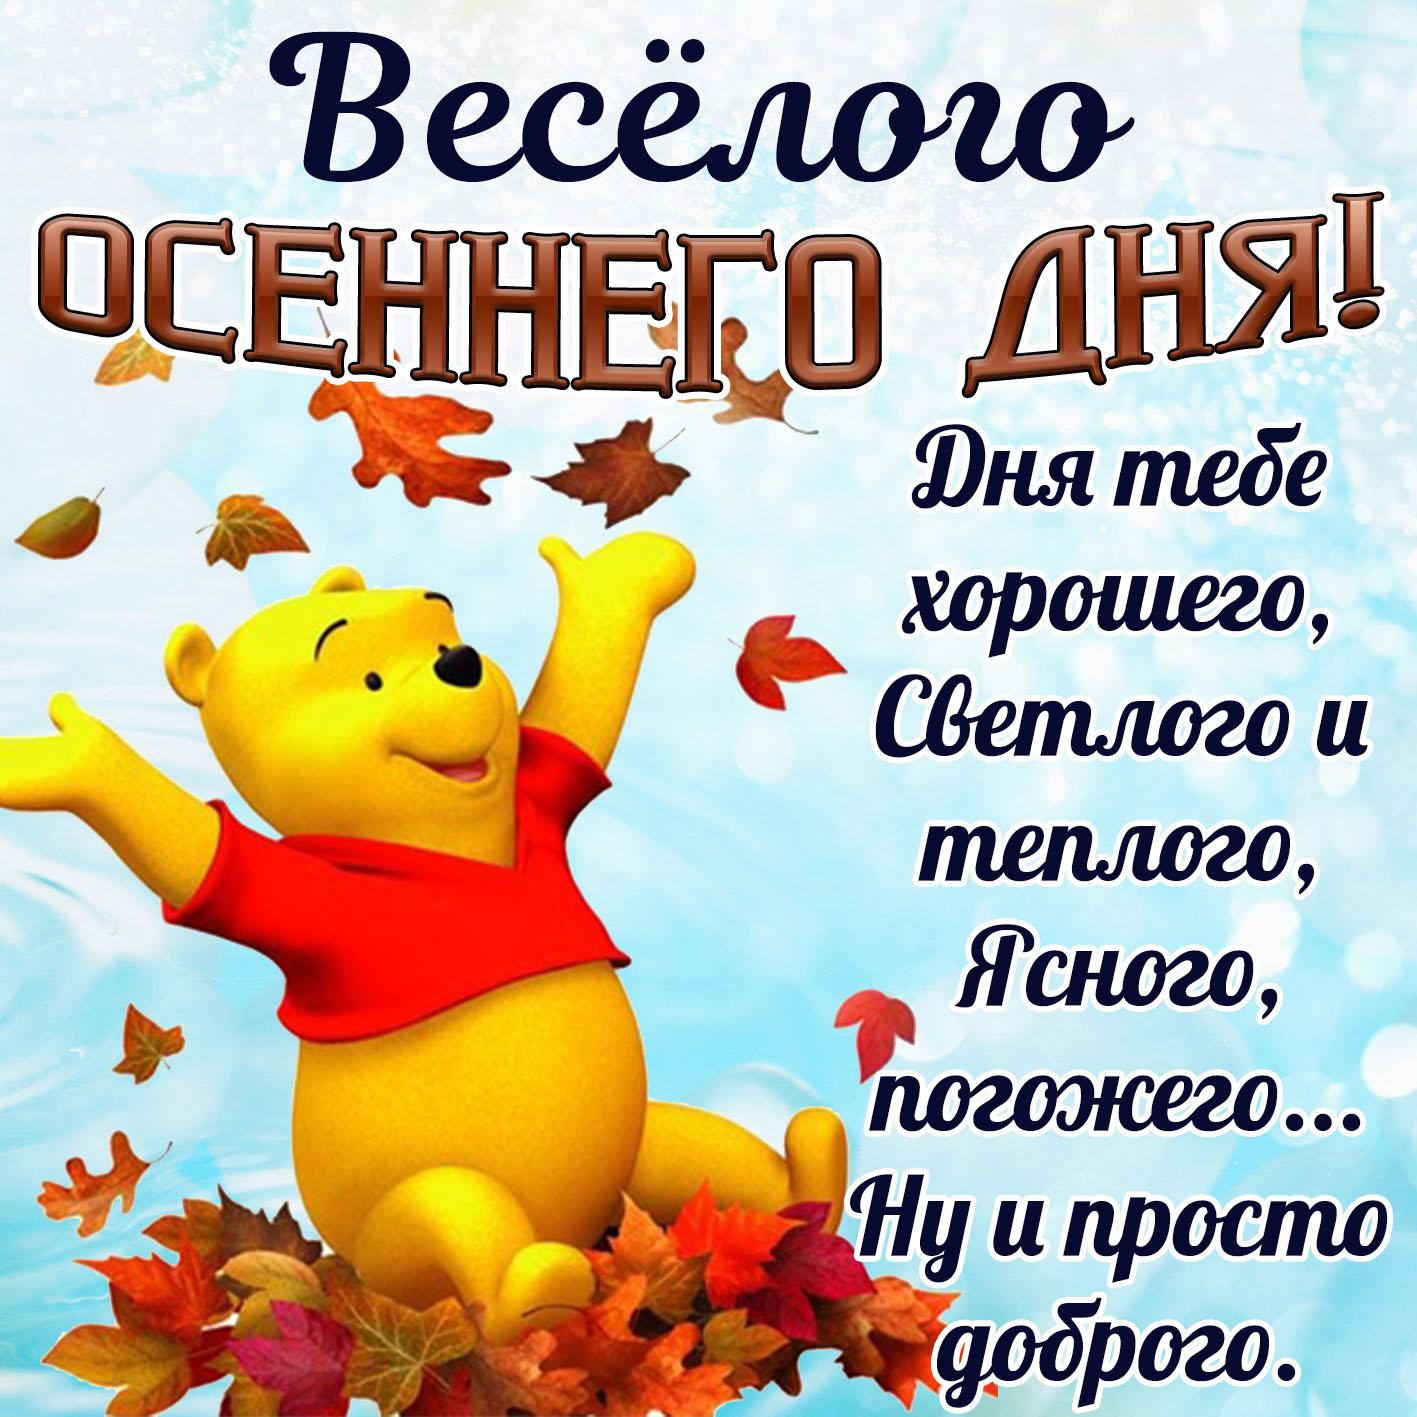 Открытка - медвежонок желает тебе весёлого осеннего дня